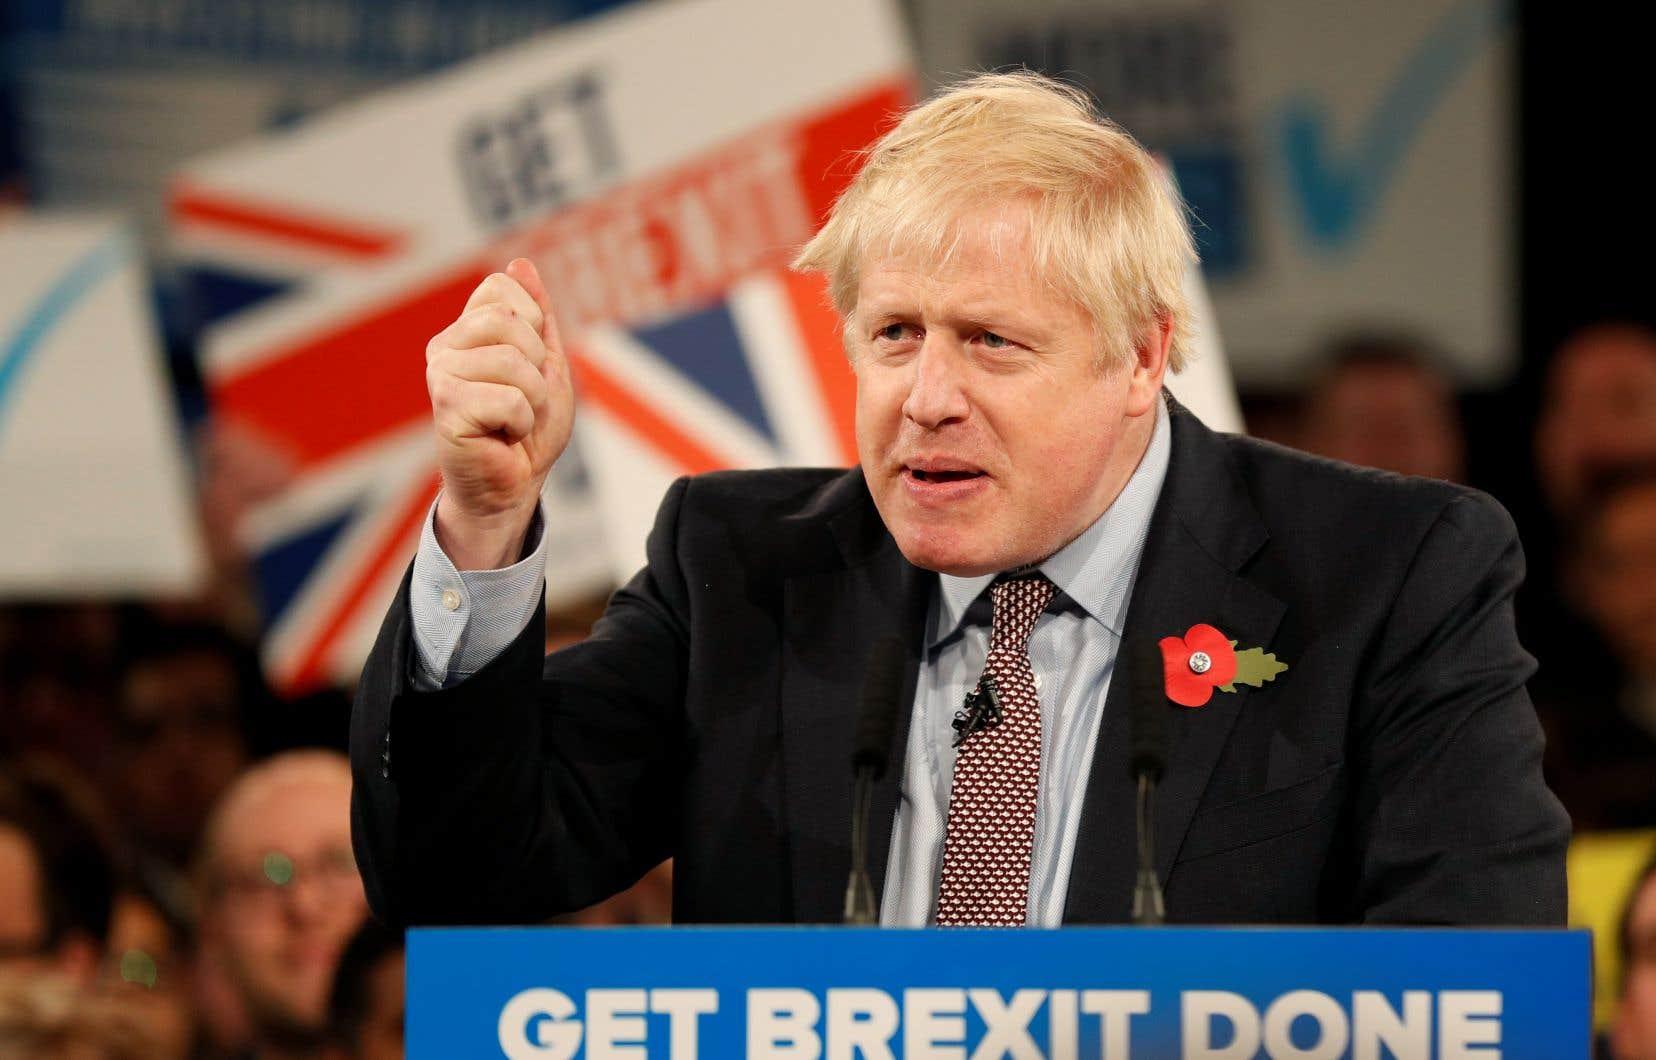 Dans un éditorial, Boris Johnson a comparé son rival Jeremy Corbyn au dictateur soviétique Joseph Staline.